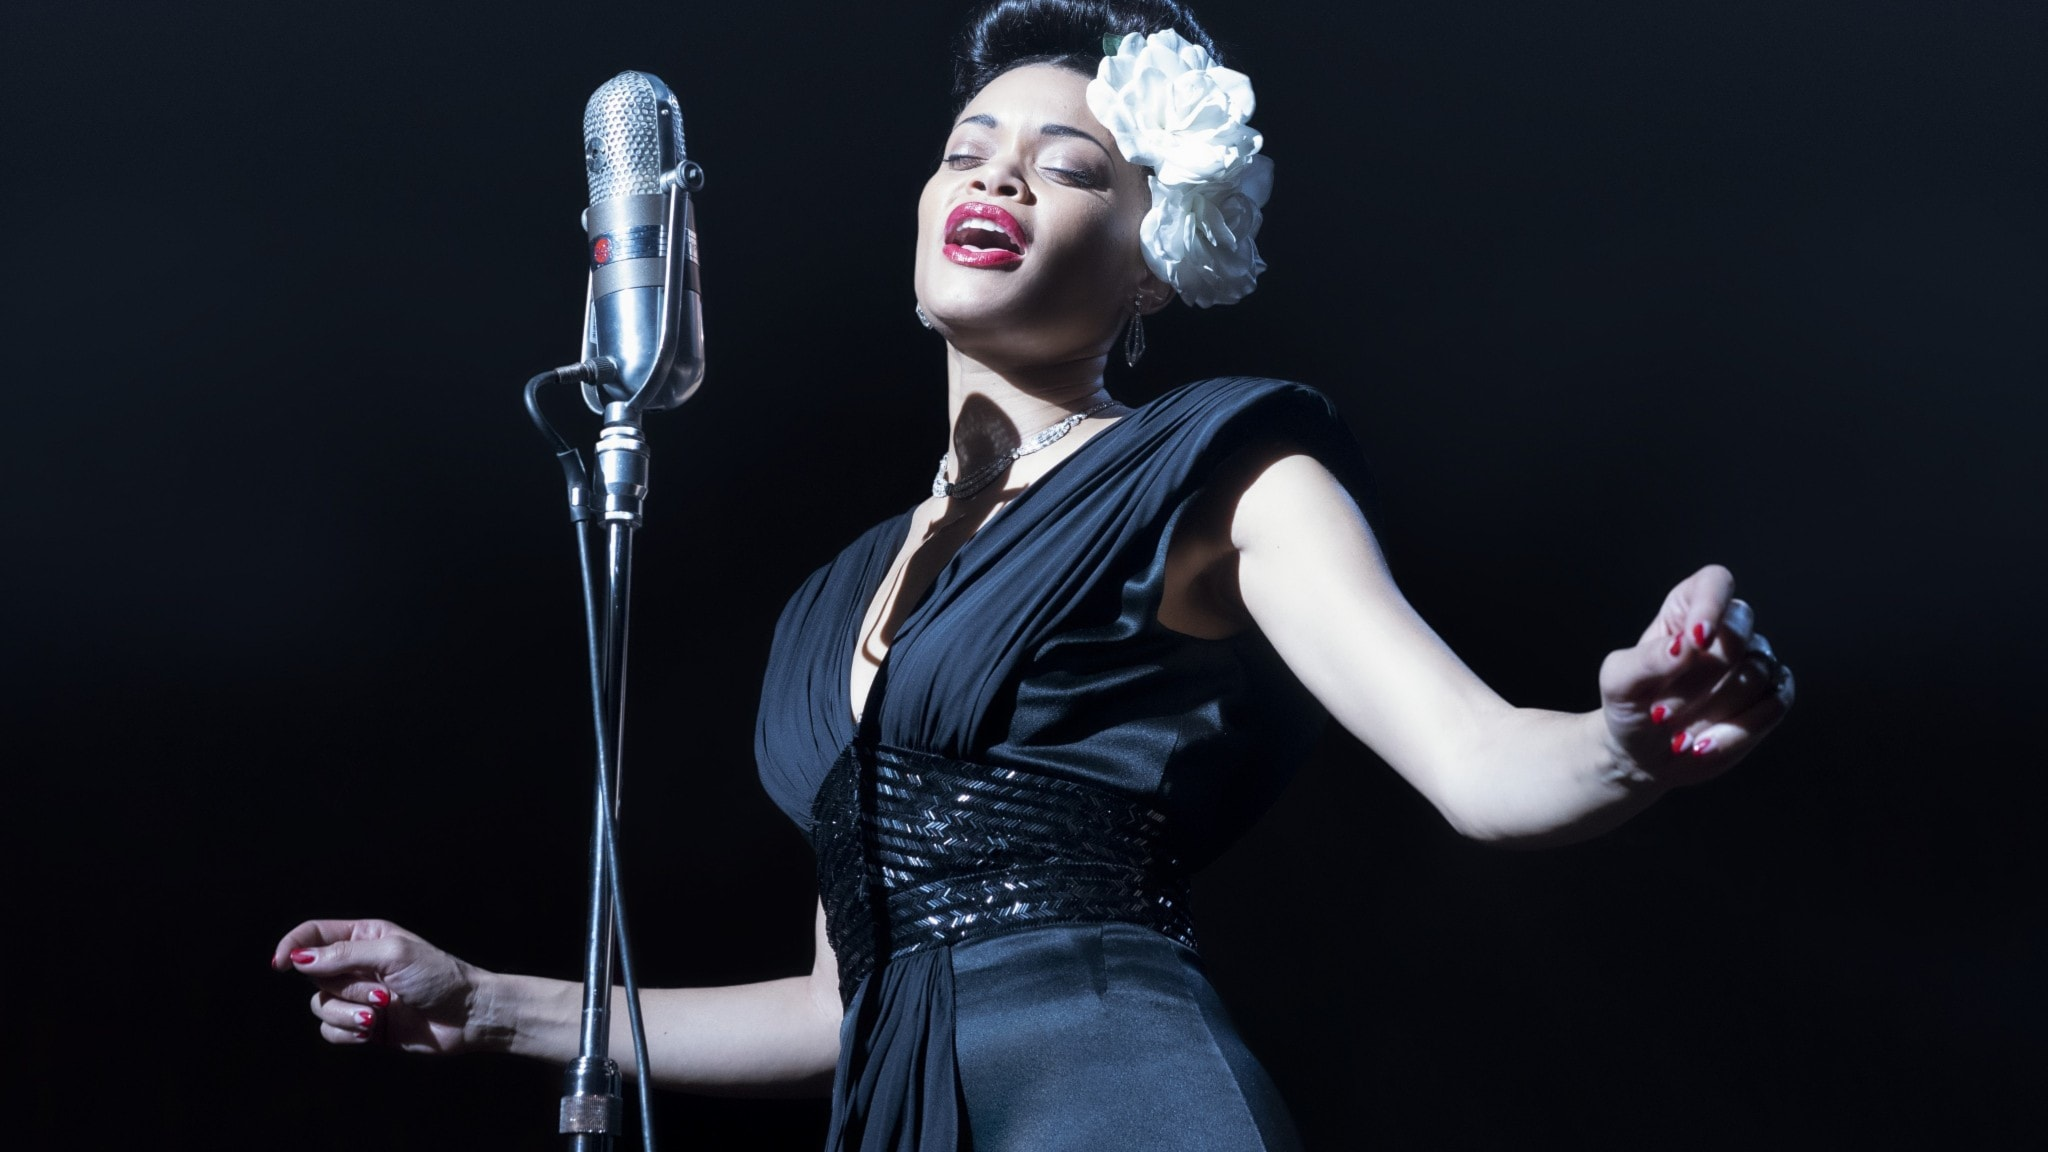 Andra Day i rollen som Billie Holiday, sjunger bakom en stor mikrofon och har en stor gardenia bakom örat